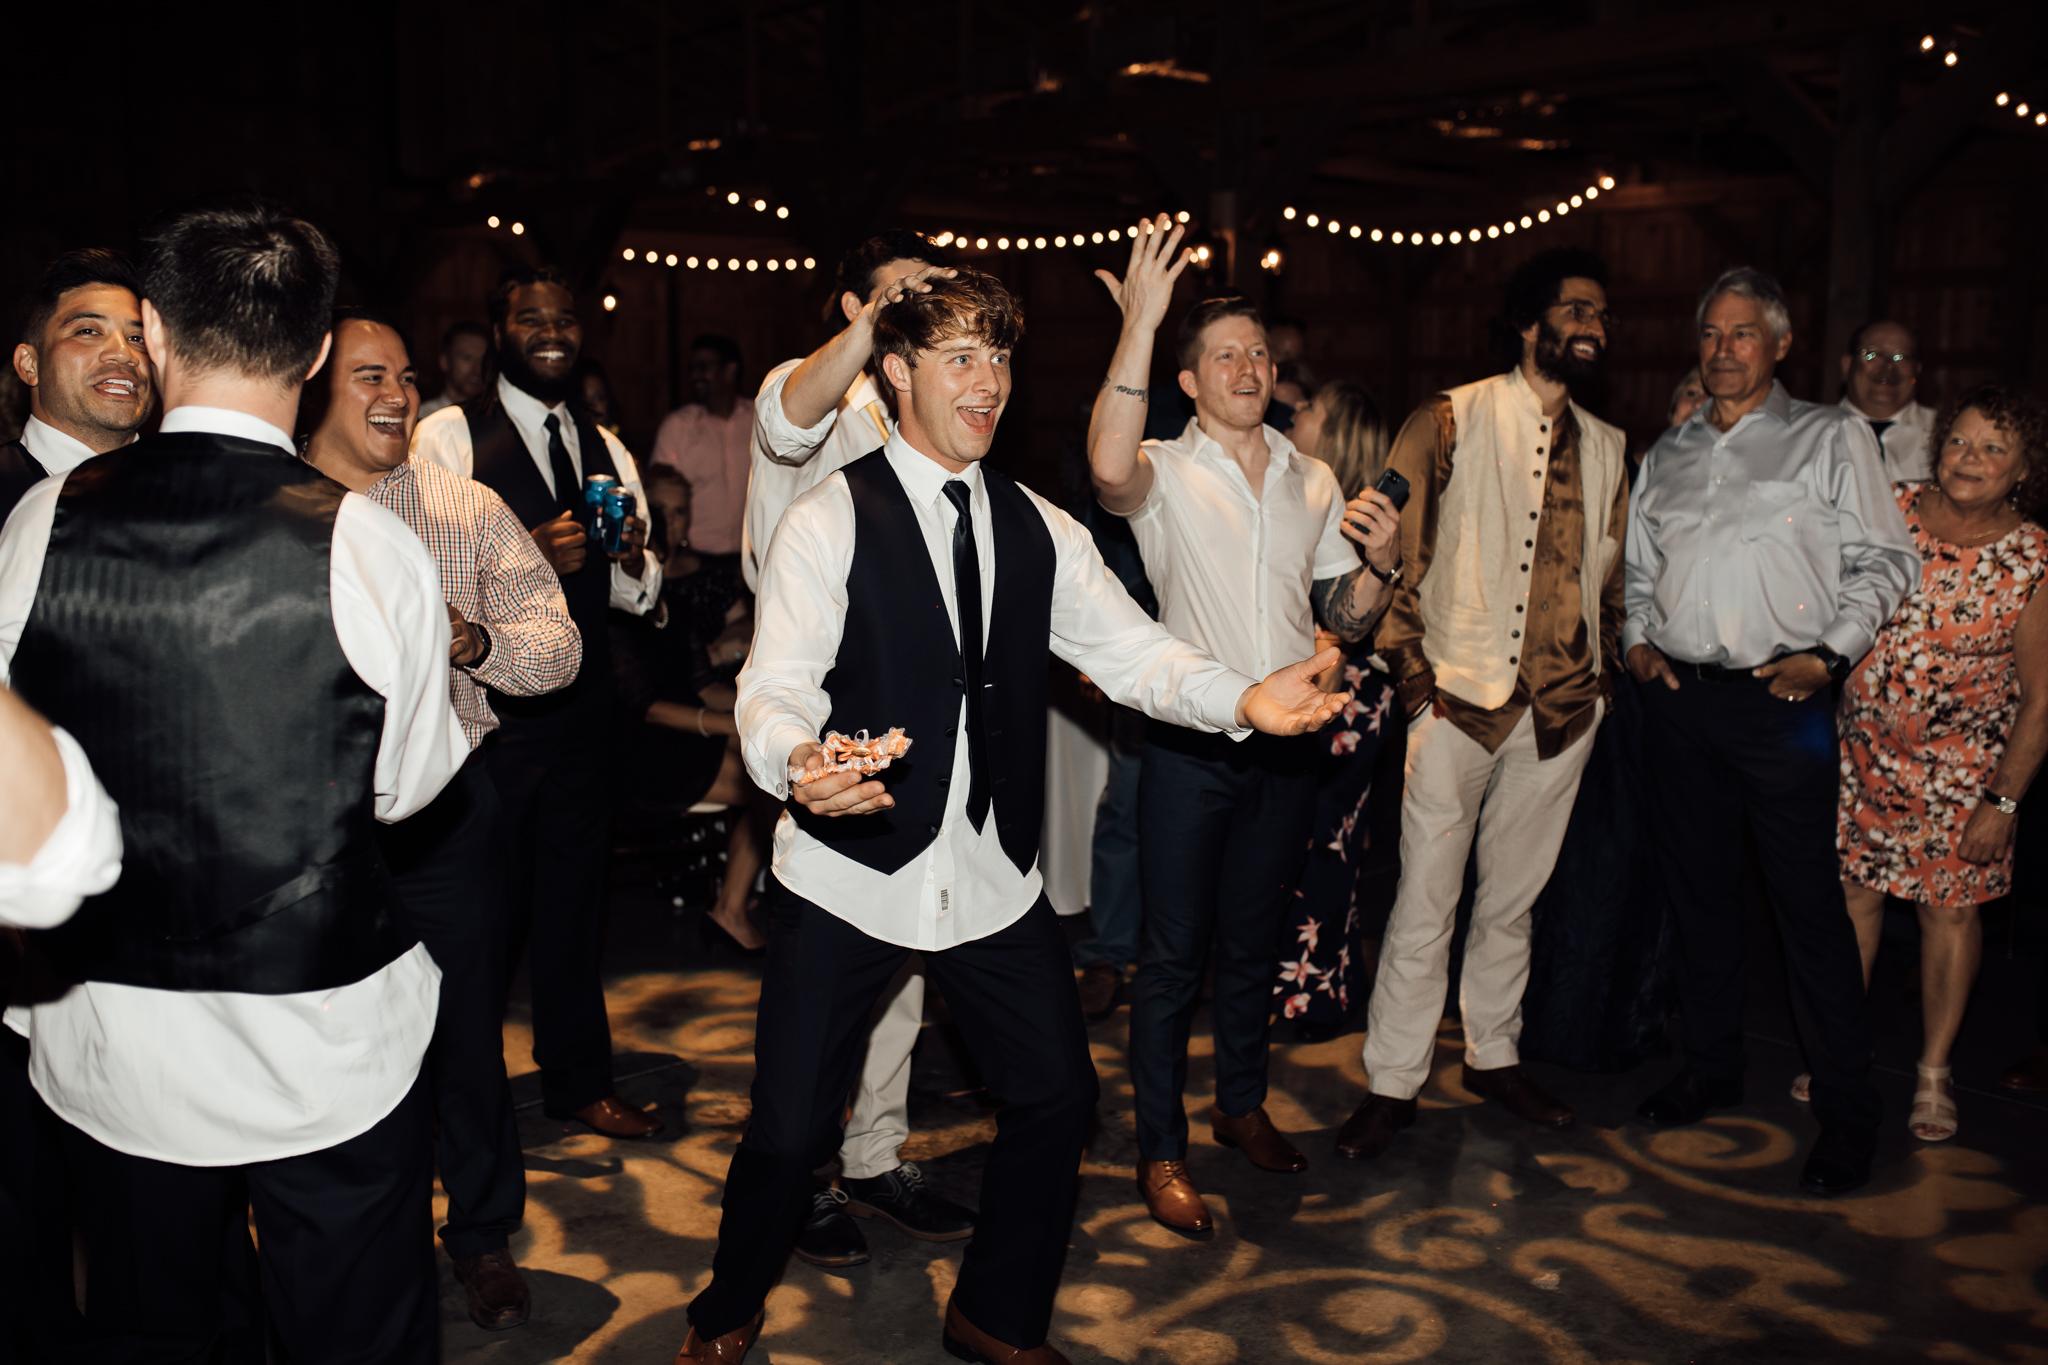 saddlewoodsfarms-nashville-wedding-photographer-thewarmtharoundyou-rustic-wedding (237 of 251).jpg